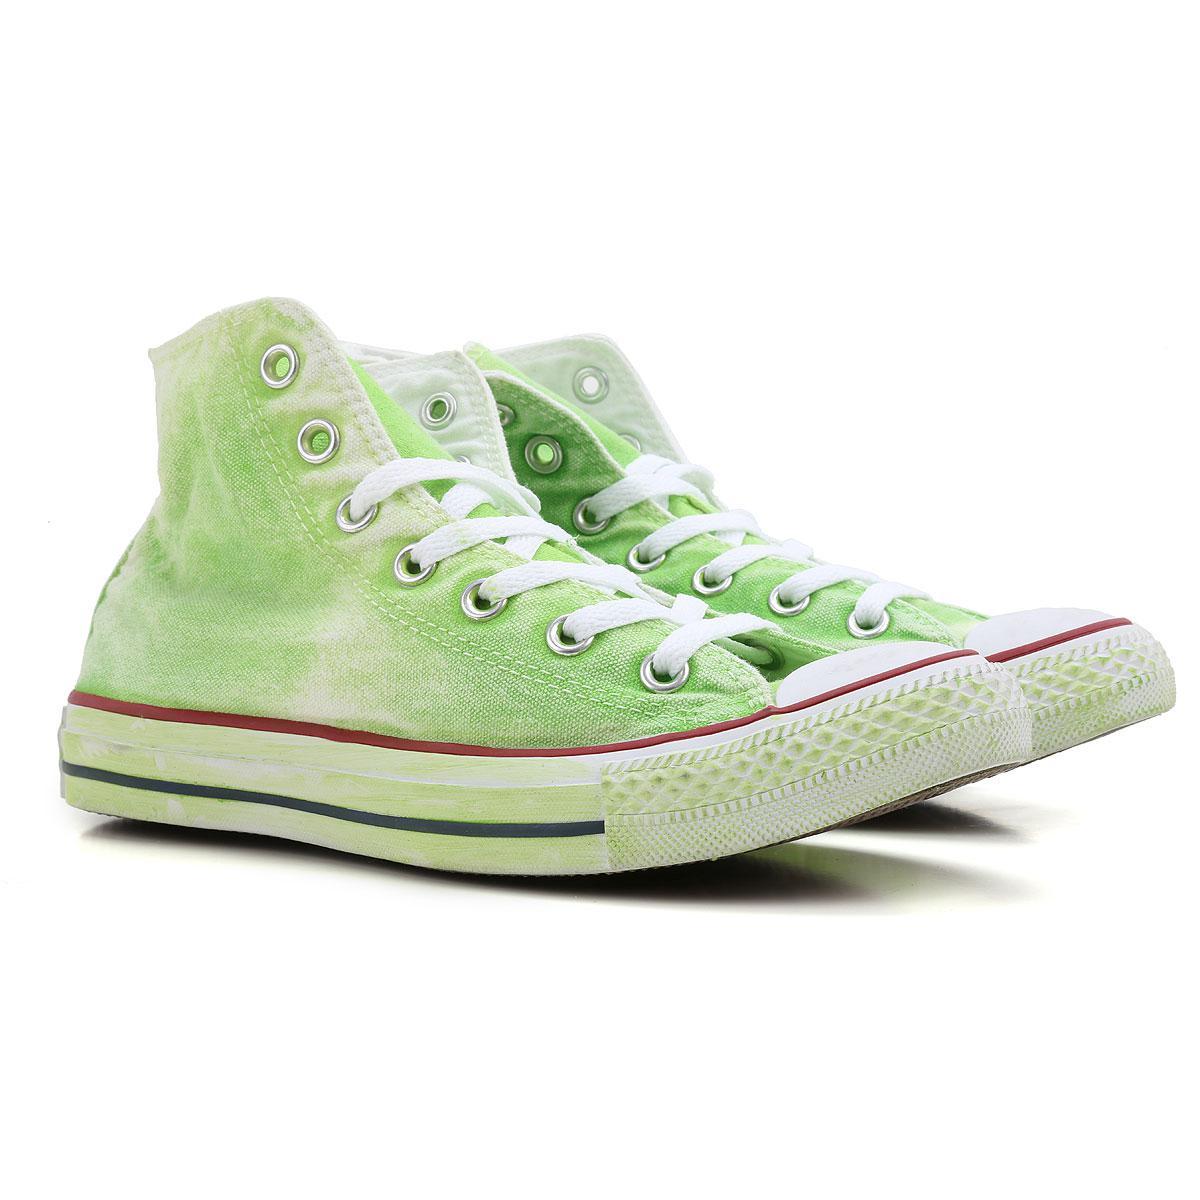 best service 84b17 69ba2 Converse Sneakers For Women On Sale in Green - Lyst